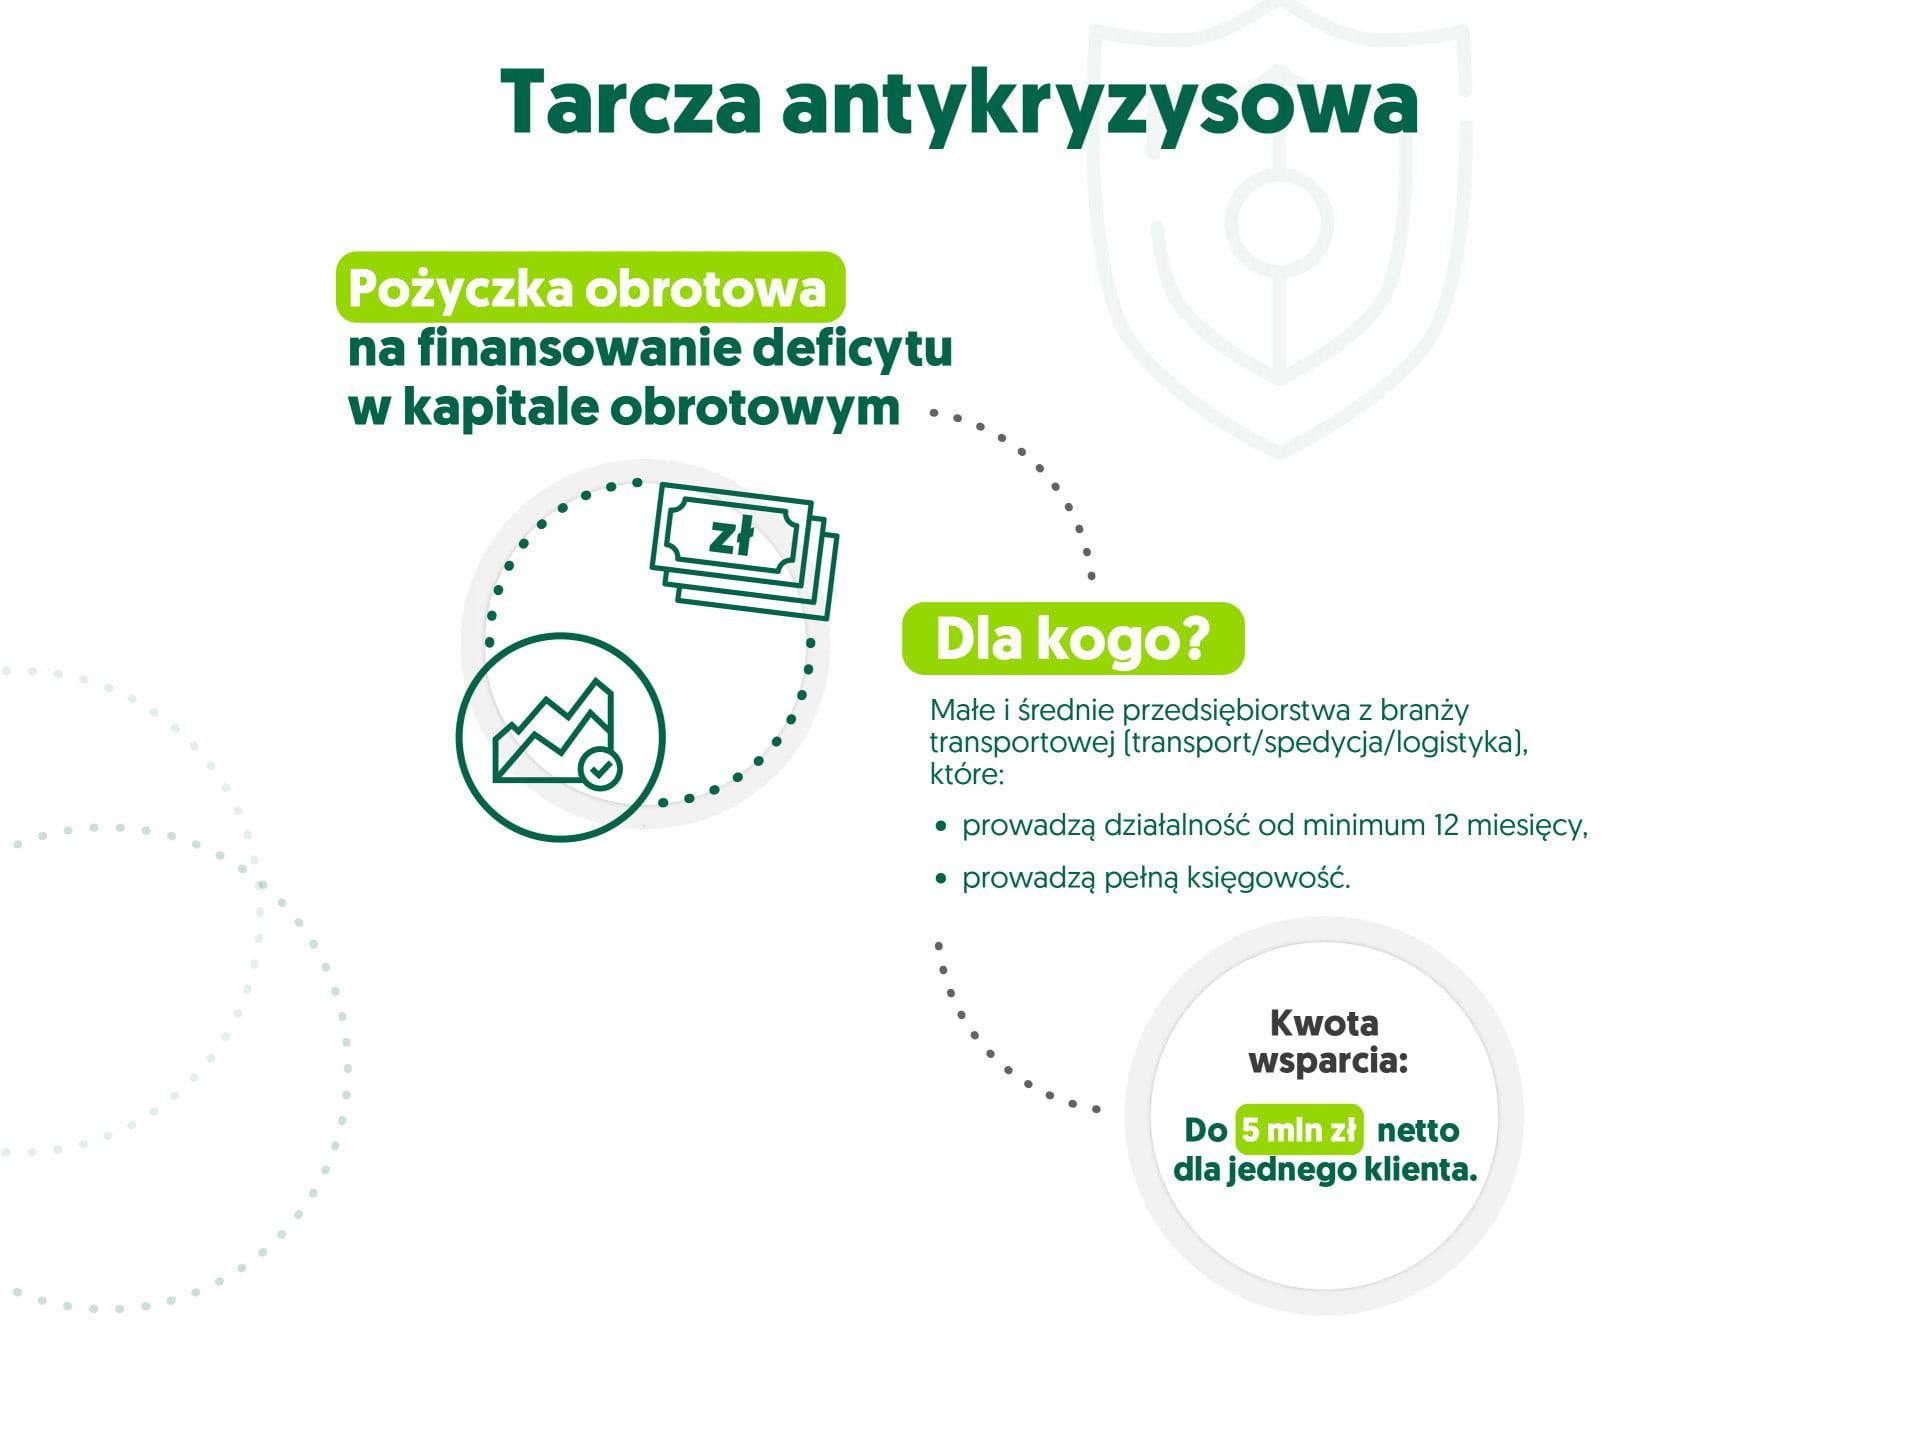 infografika tarcza antykryzysowa - pożyczka obrotowa na finansowanie deficytu w kapitale obrotowym